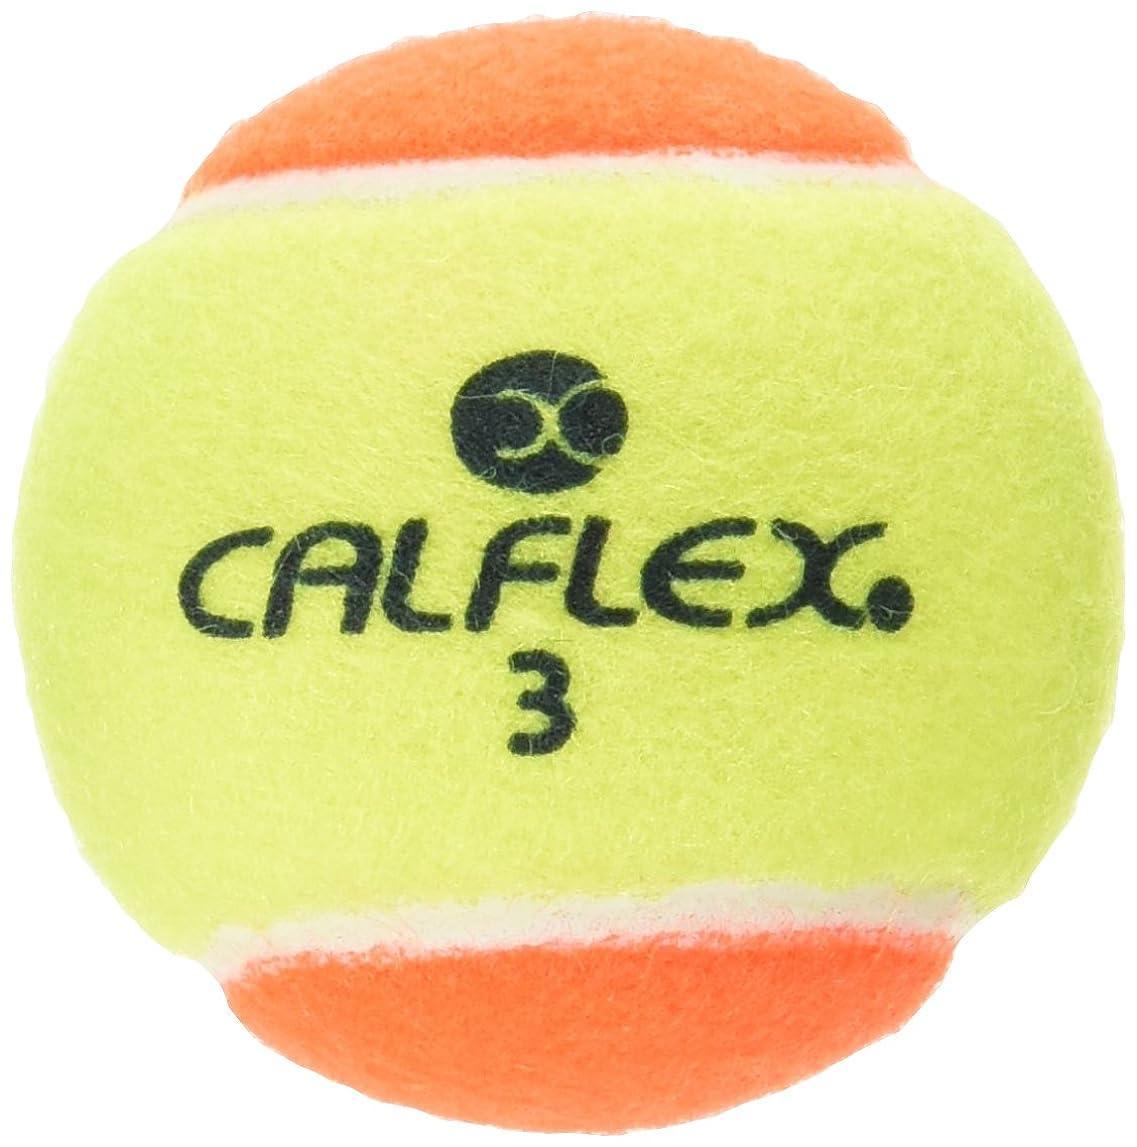 チョークマーベル王族サクライ貿易(SAKURAI) CALFLEX(カルフレックス)  硬式 テニスボール ノンプレッシャー 2球入り  LB-450